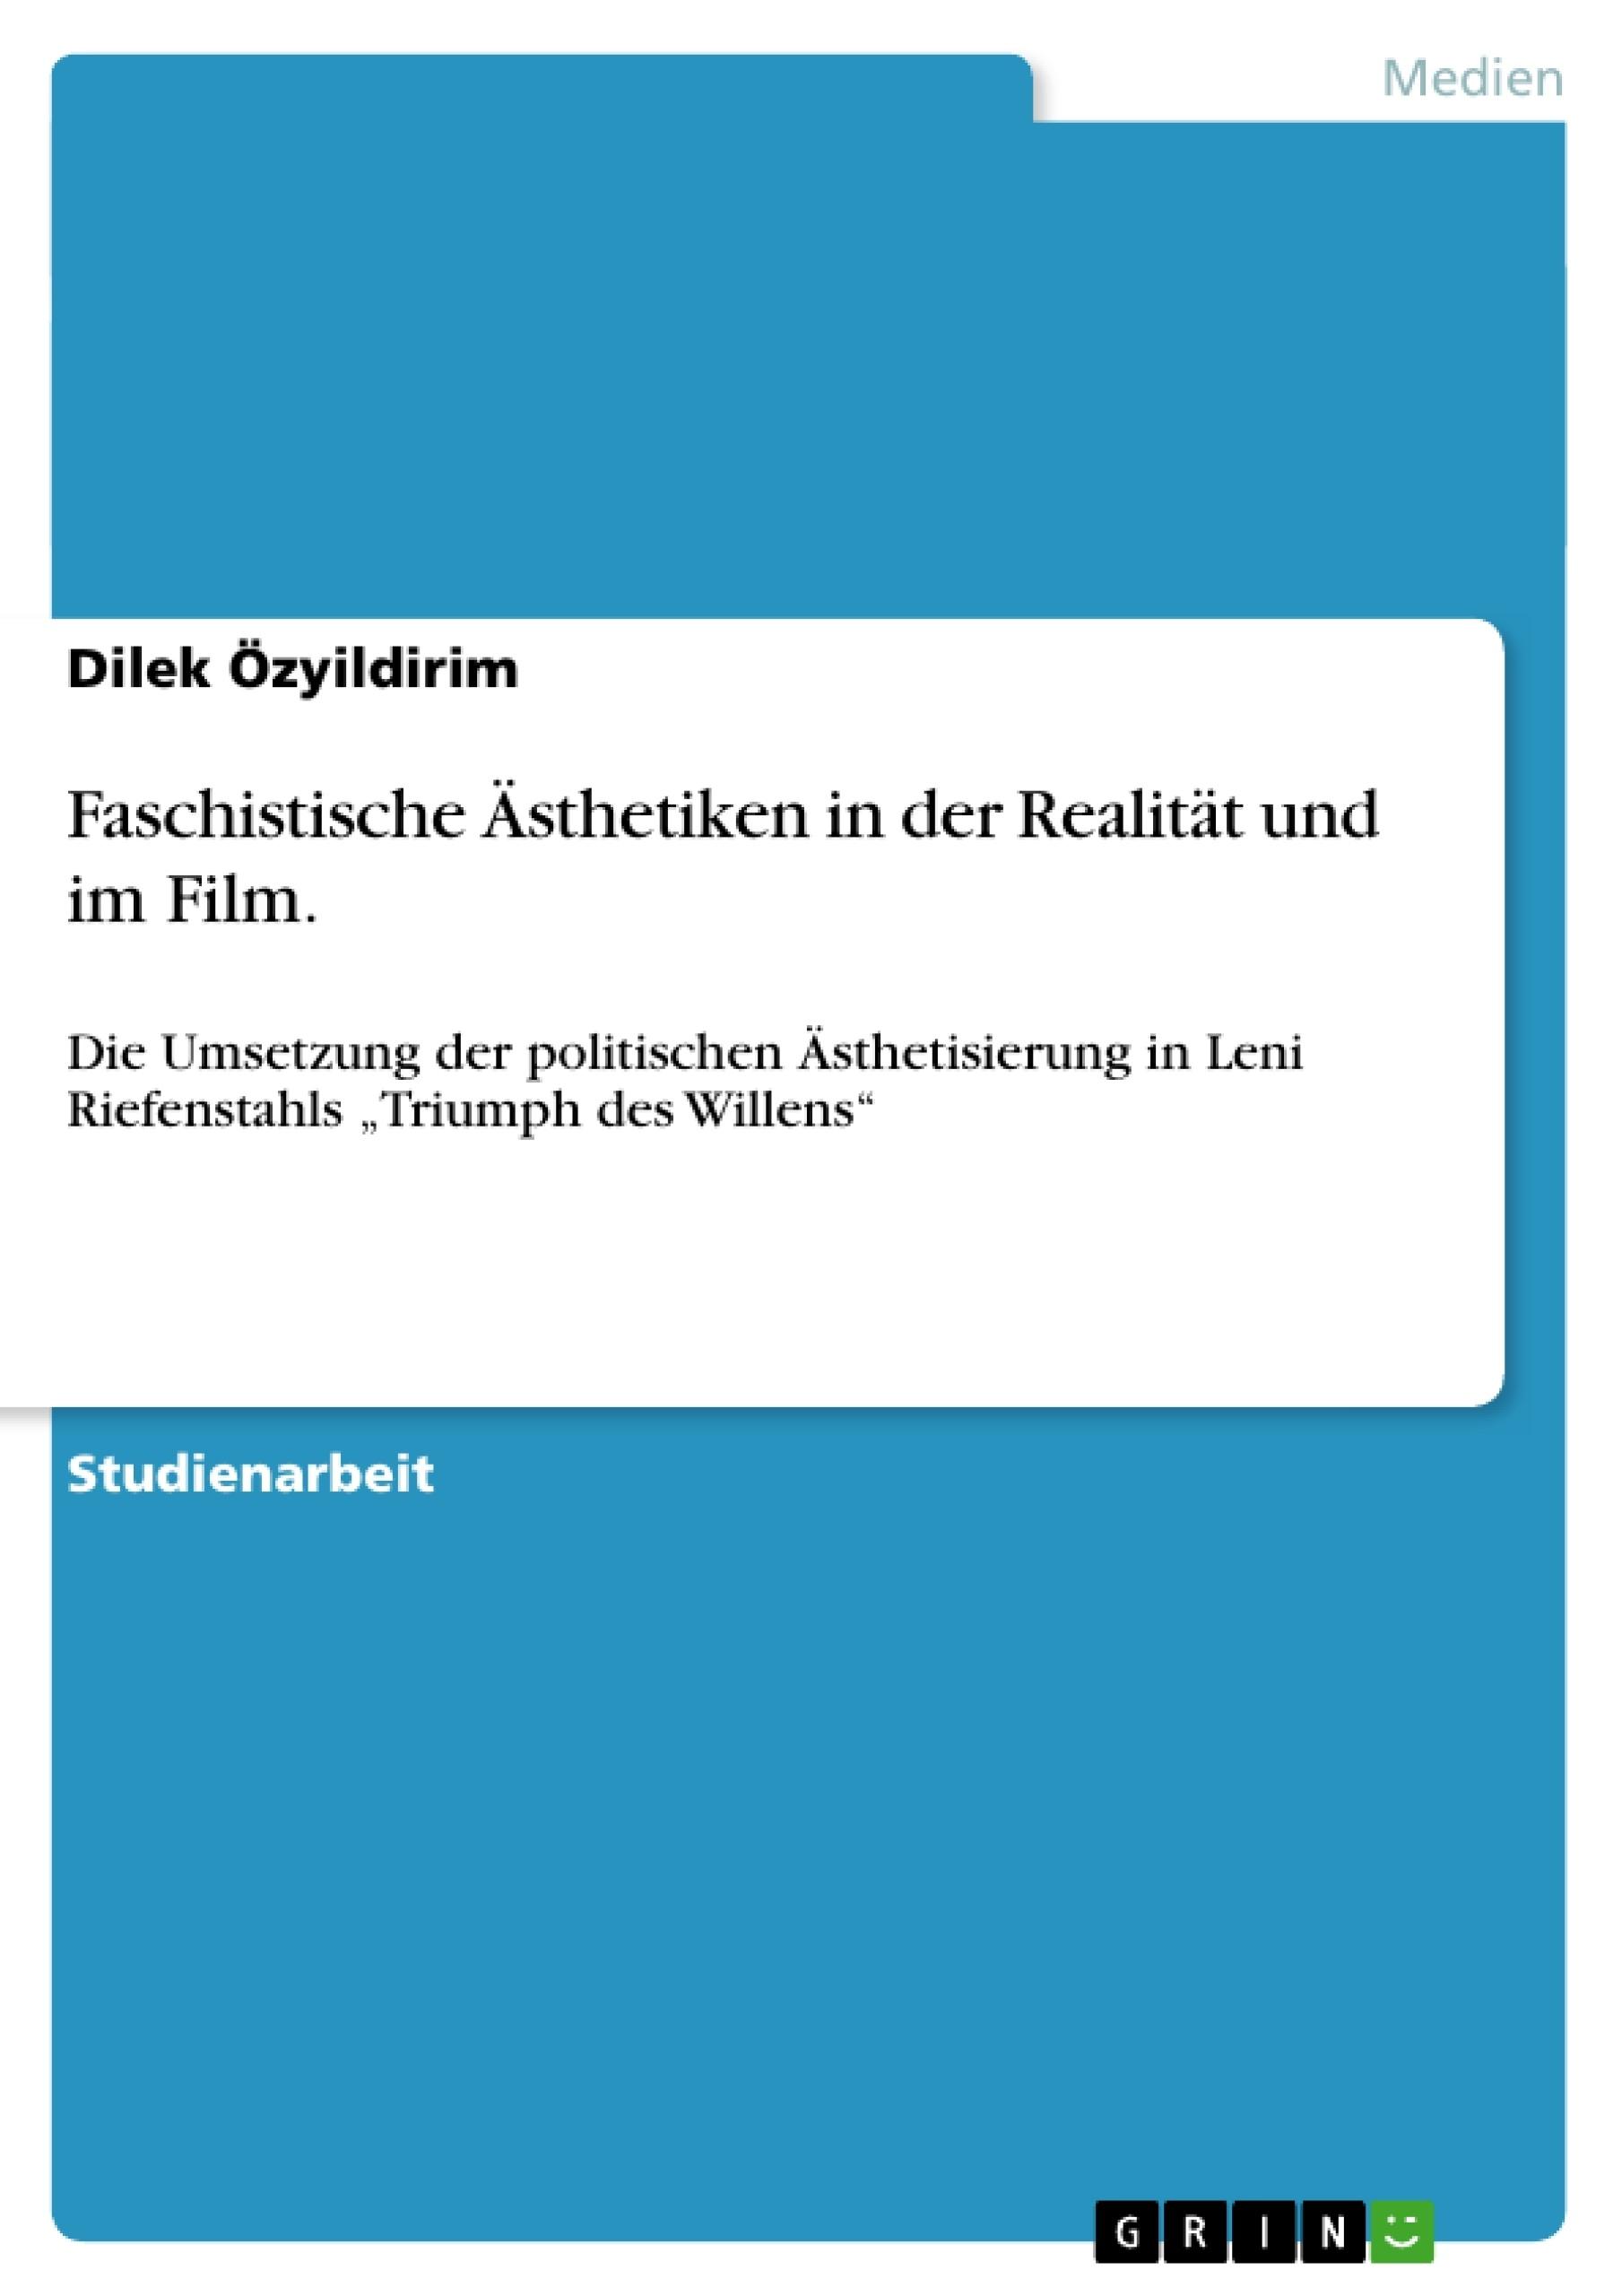 Titel: Faschistische Ästhetiken in der Realität und im Film.